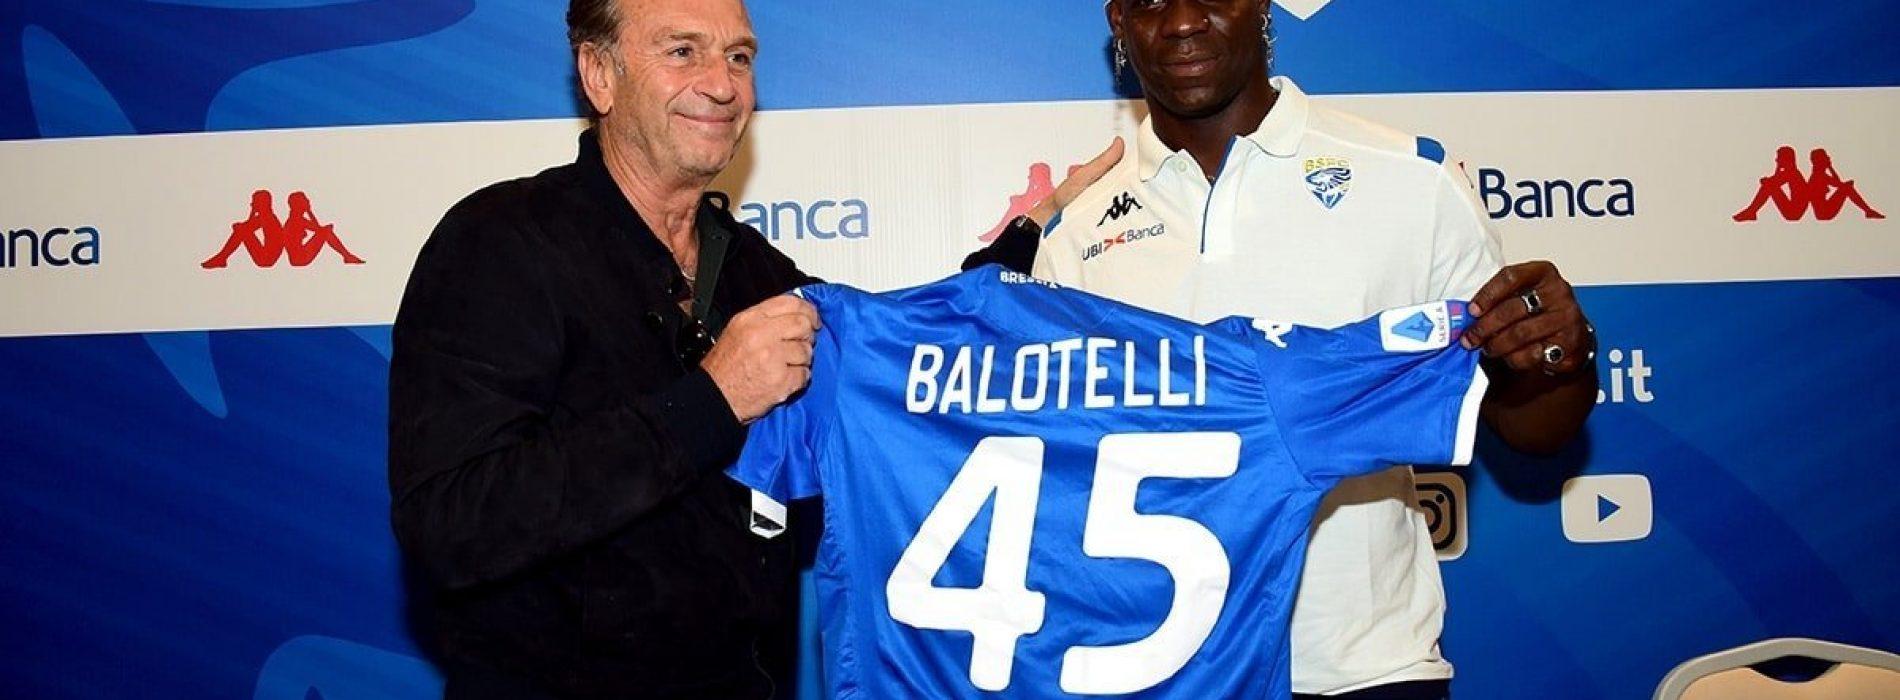 Brescia – Balotelli è pronto: dalla Juve parte il suo rilancio